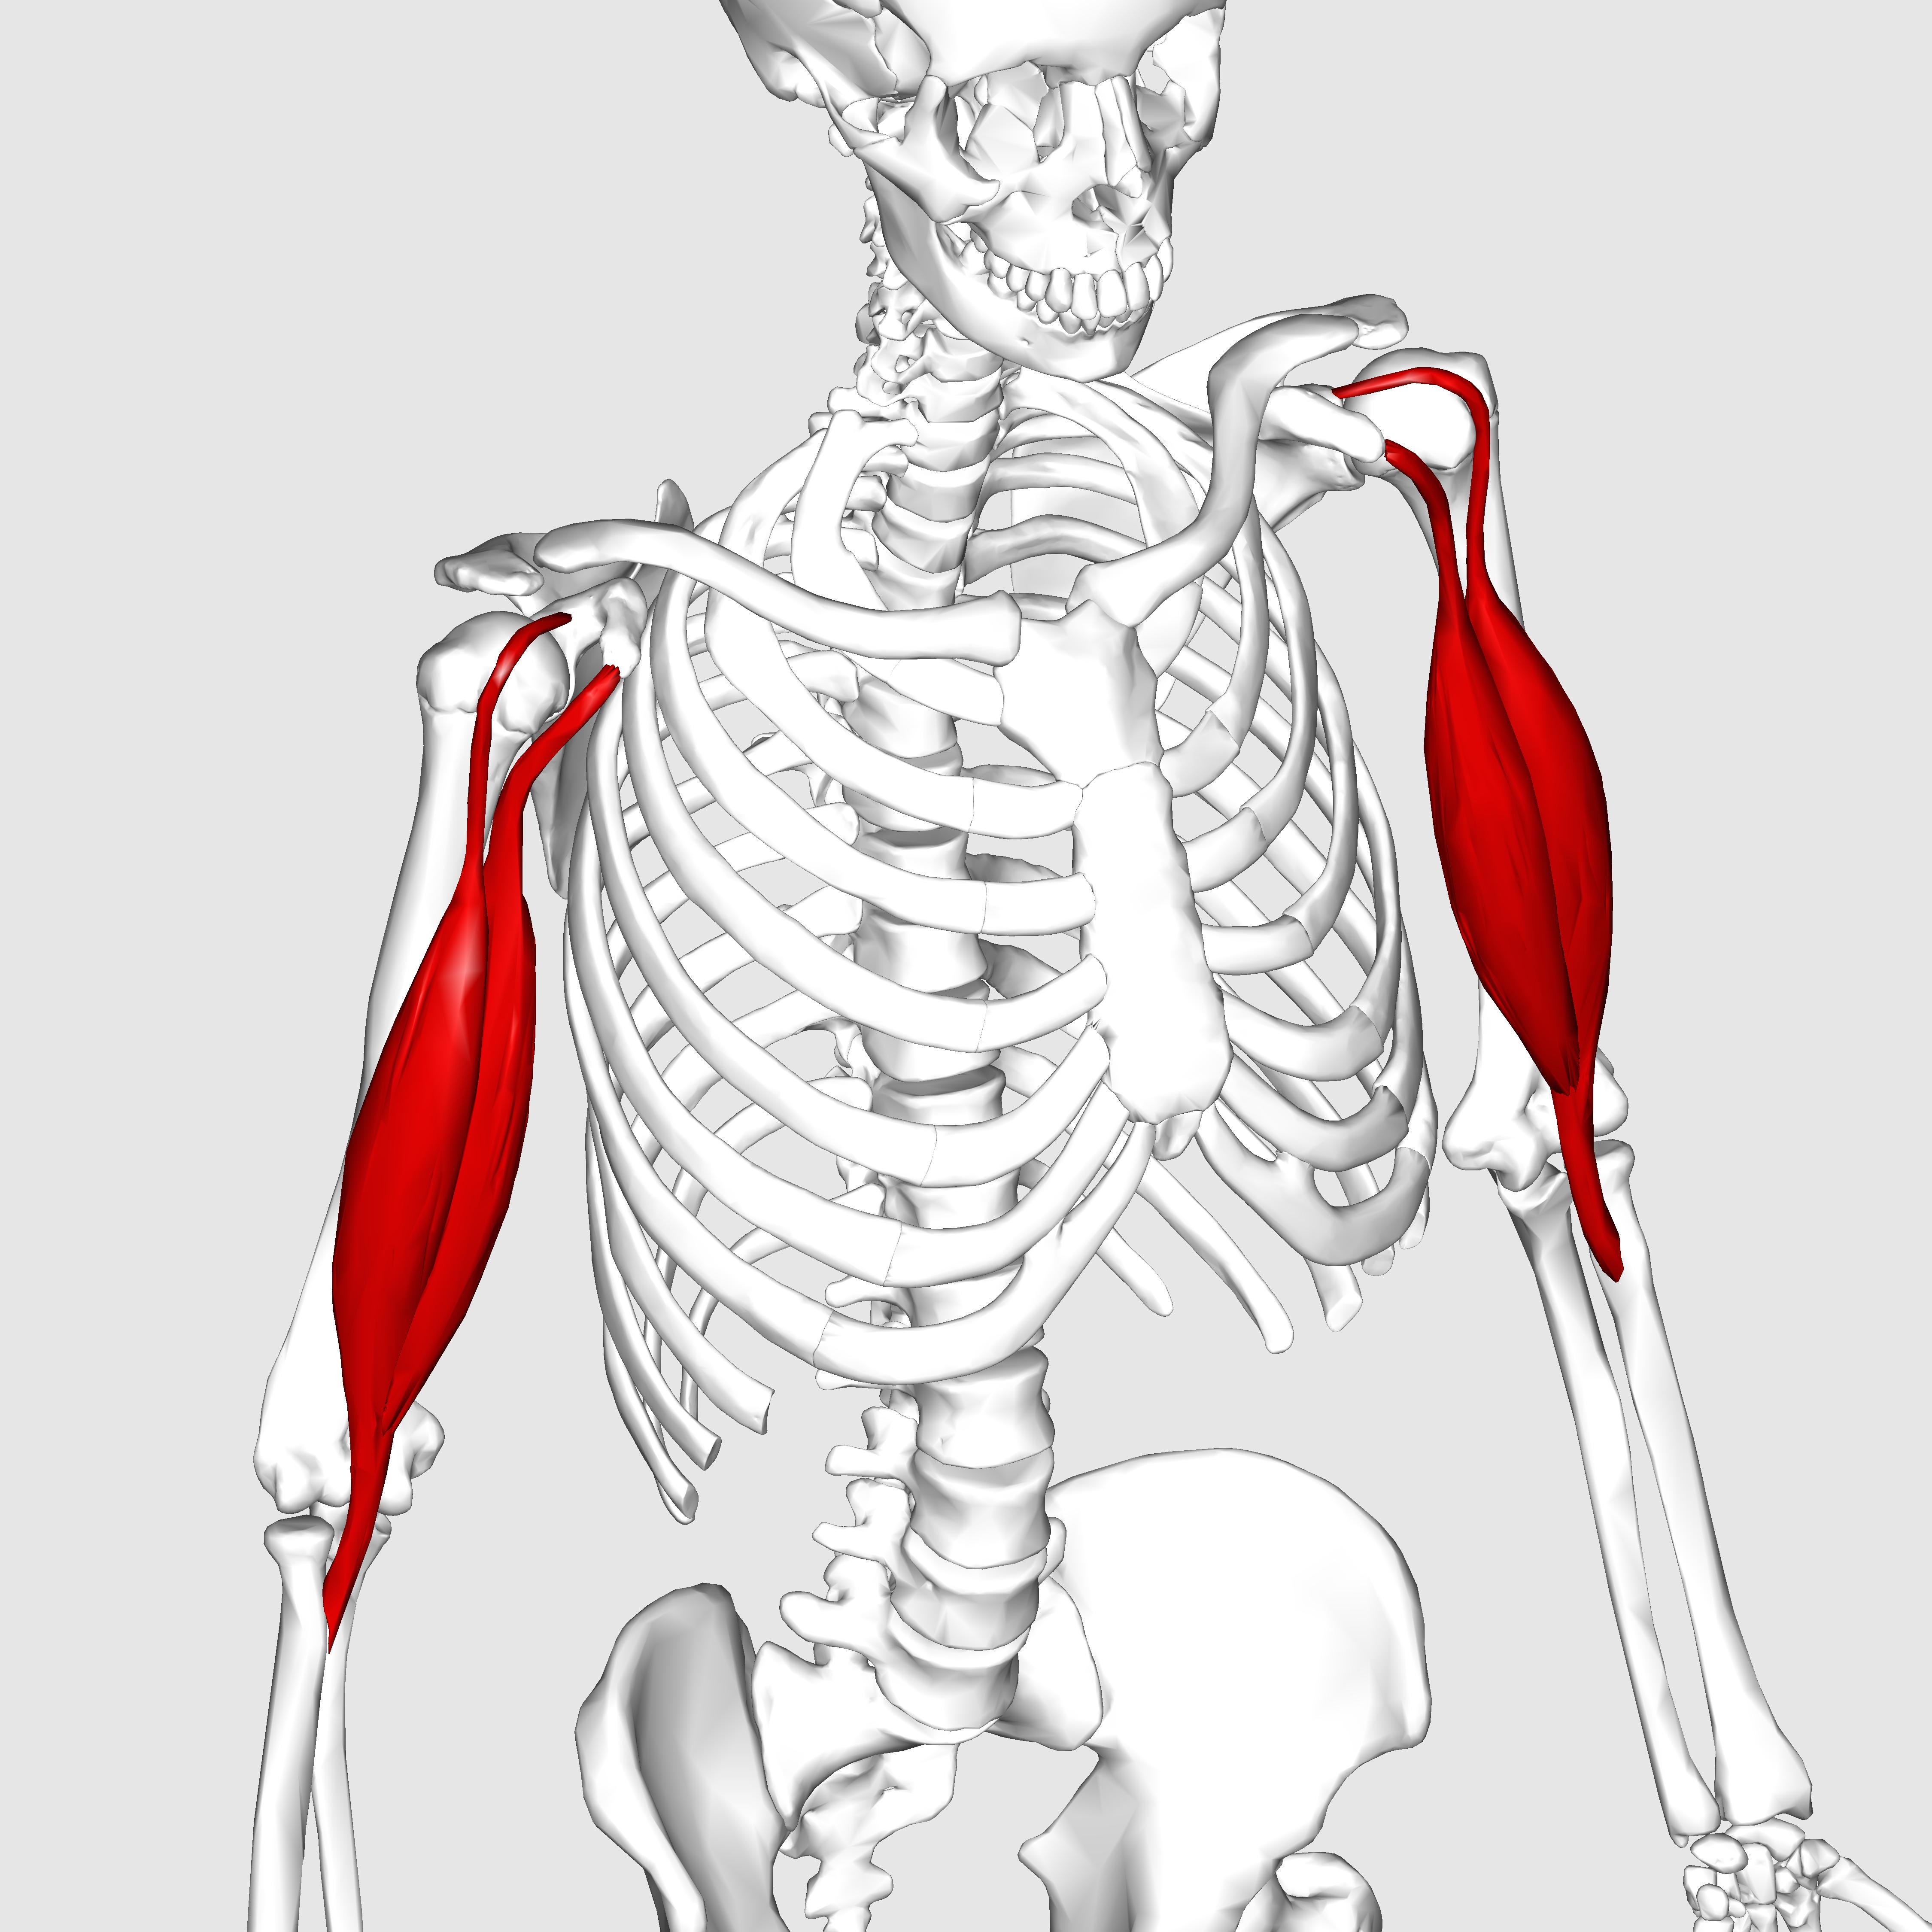 Images of Biceps Tendon - #SpaceHero